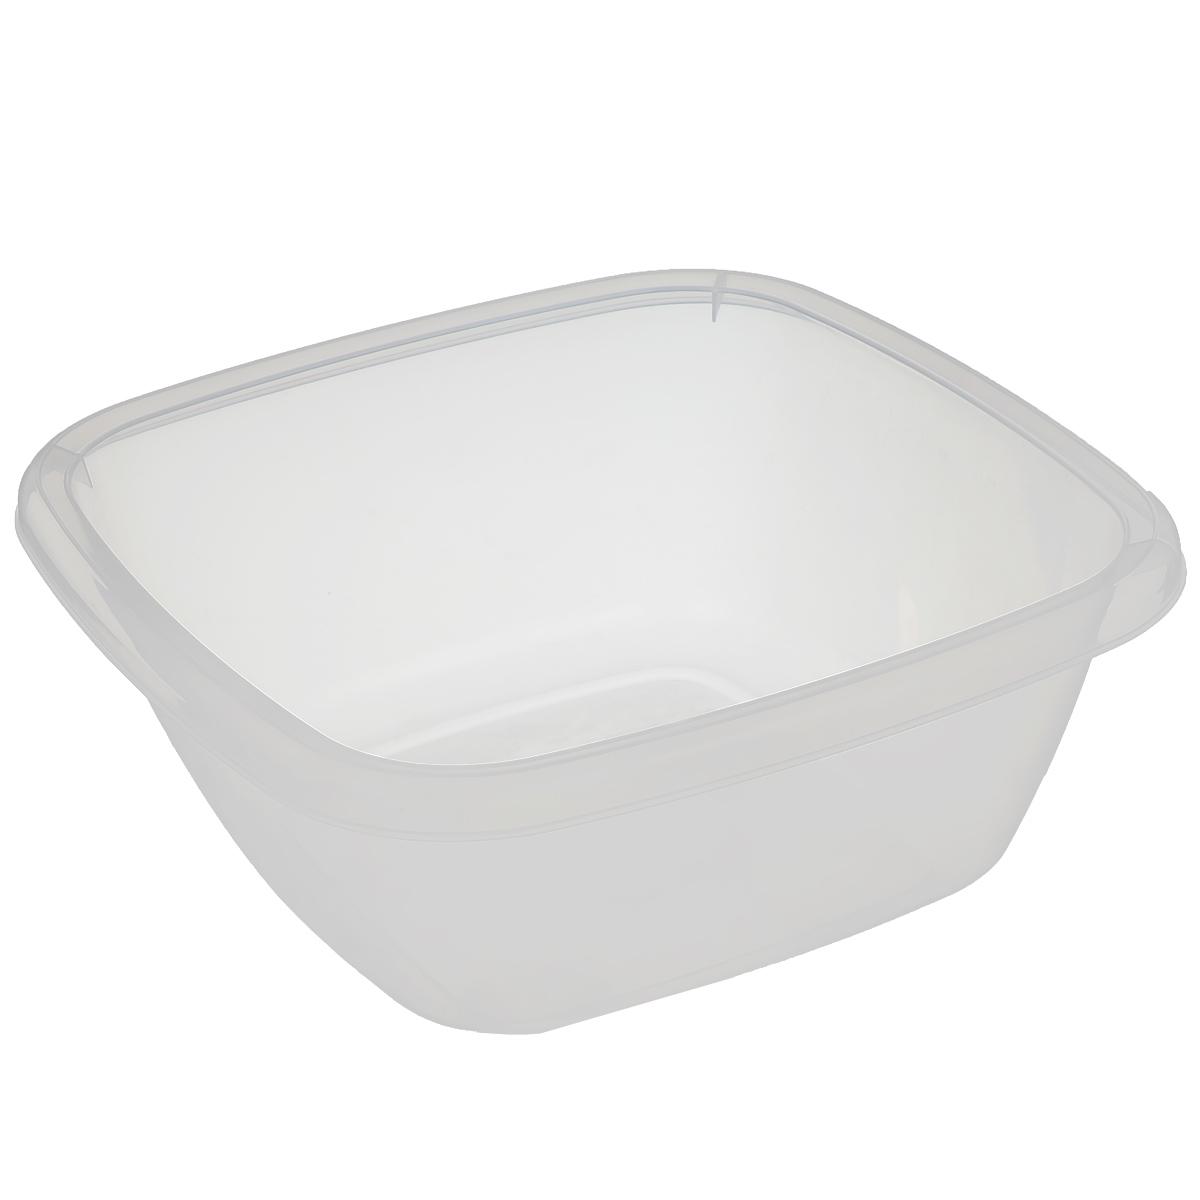 Таз Dunya Plastik, цвет: прозрачный, 6 л. 1012710127 белыйКвадратный таз Dunya Plastik выполнен из прочного прозрачного пластика. Он предназначен для стирки и хранения разных вещей. По краю имеются углубления, которые обеспечивают удобный захват. Такой таз пригодится в любом хозяйстве.